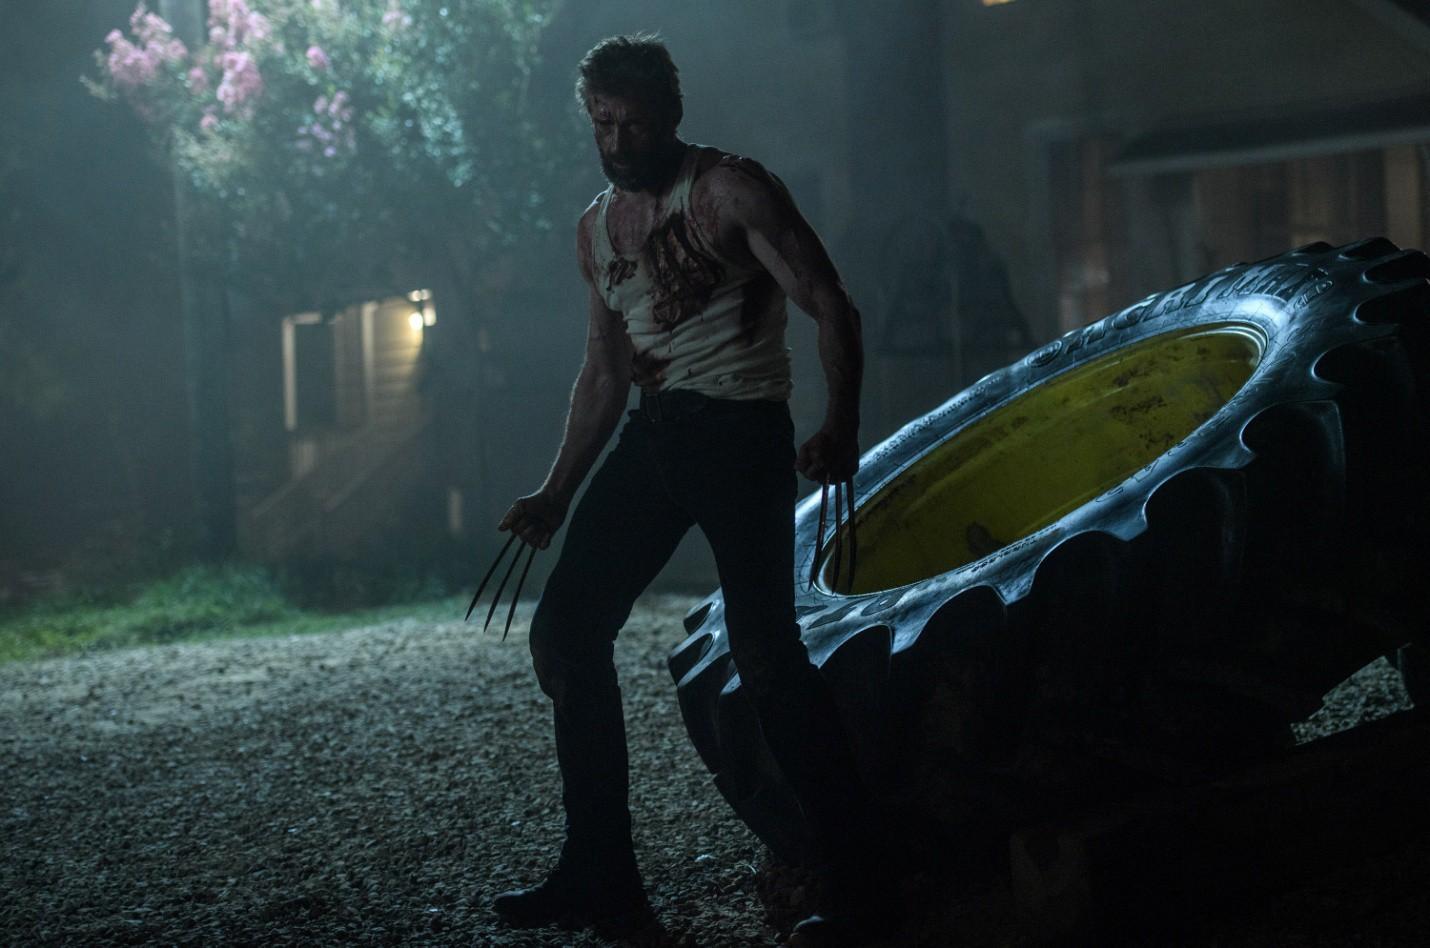 15 chi tiết thú vị bạn có thể bỏ lỡ chỉ trong nháy mắt của Deadpool 2 - Ảnh 2.